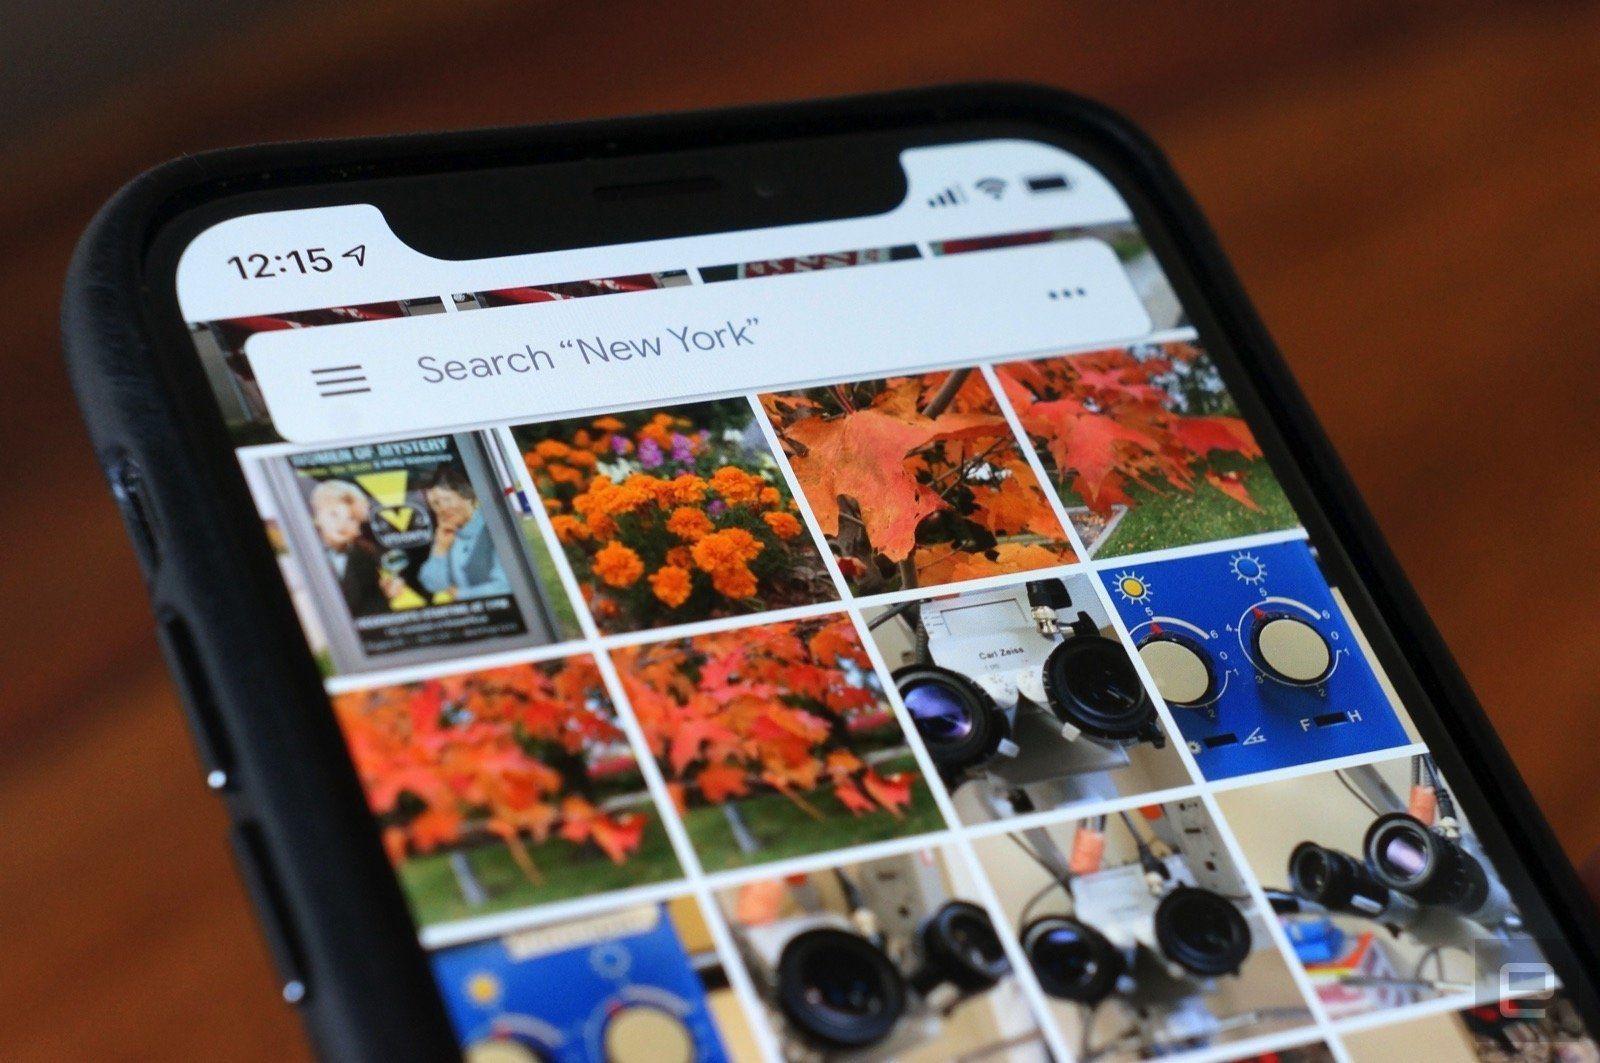 جوجل تؤكد على خططها لإصلاح الخلل في تطبيق صور جوجل على هواتف الأيفون Iphone Pictures Google Photos App Photo Backup